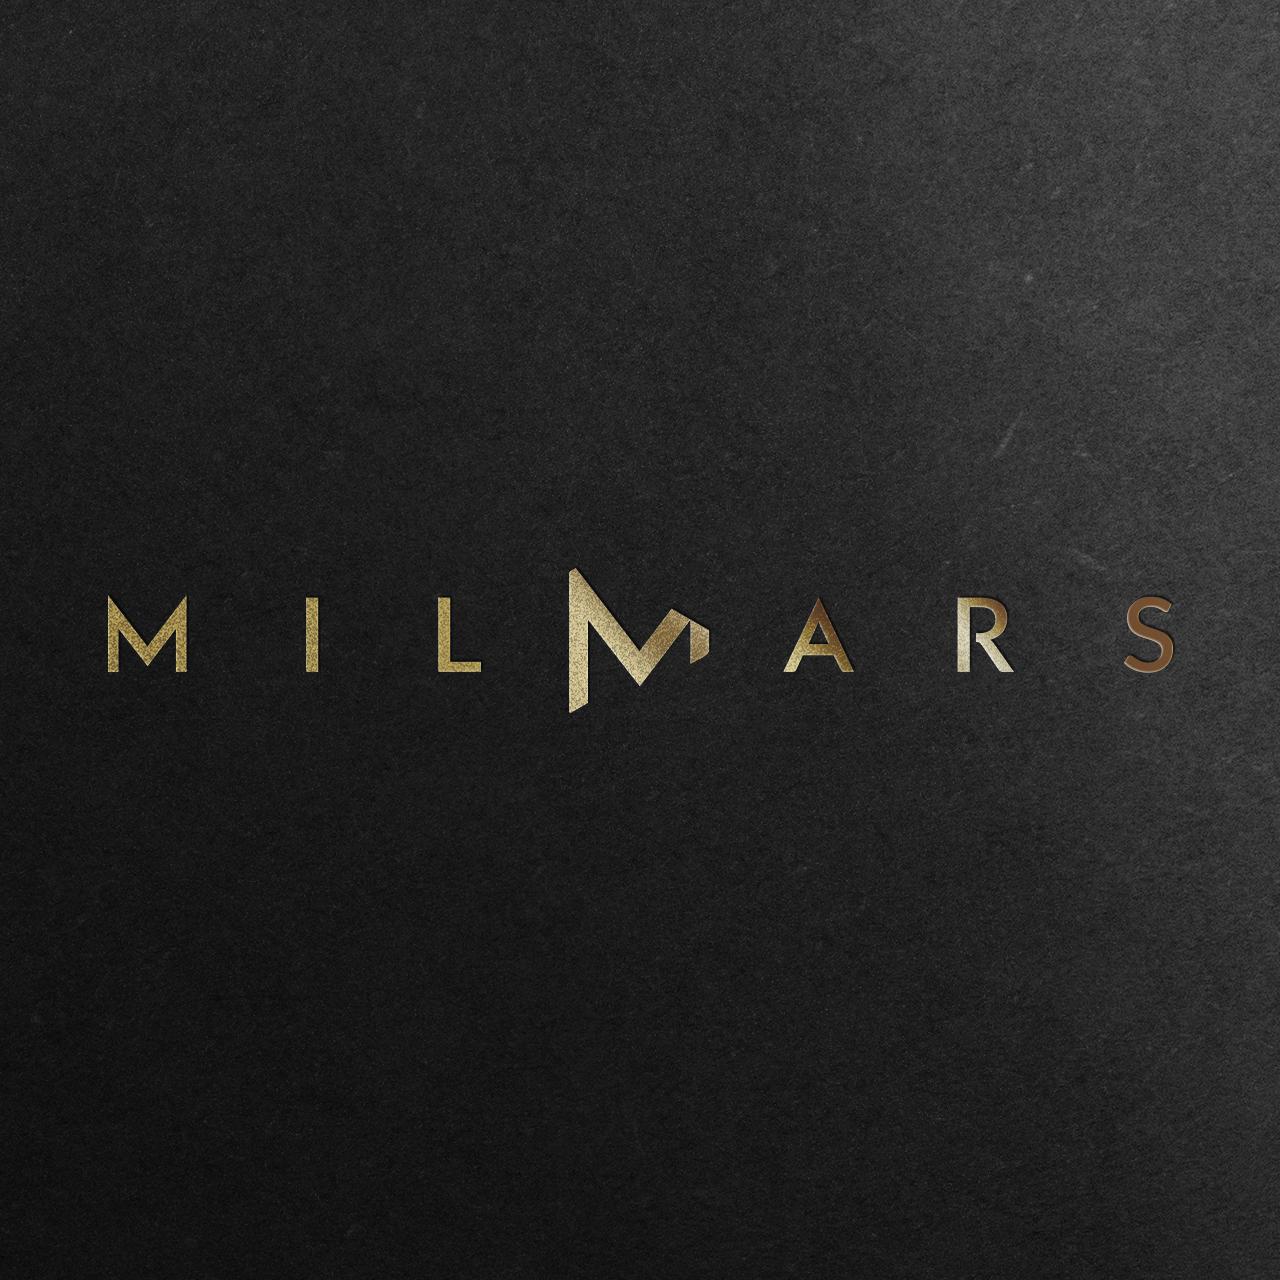 milmars-logo-mockup-gold